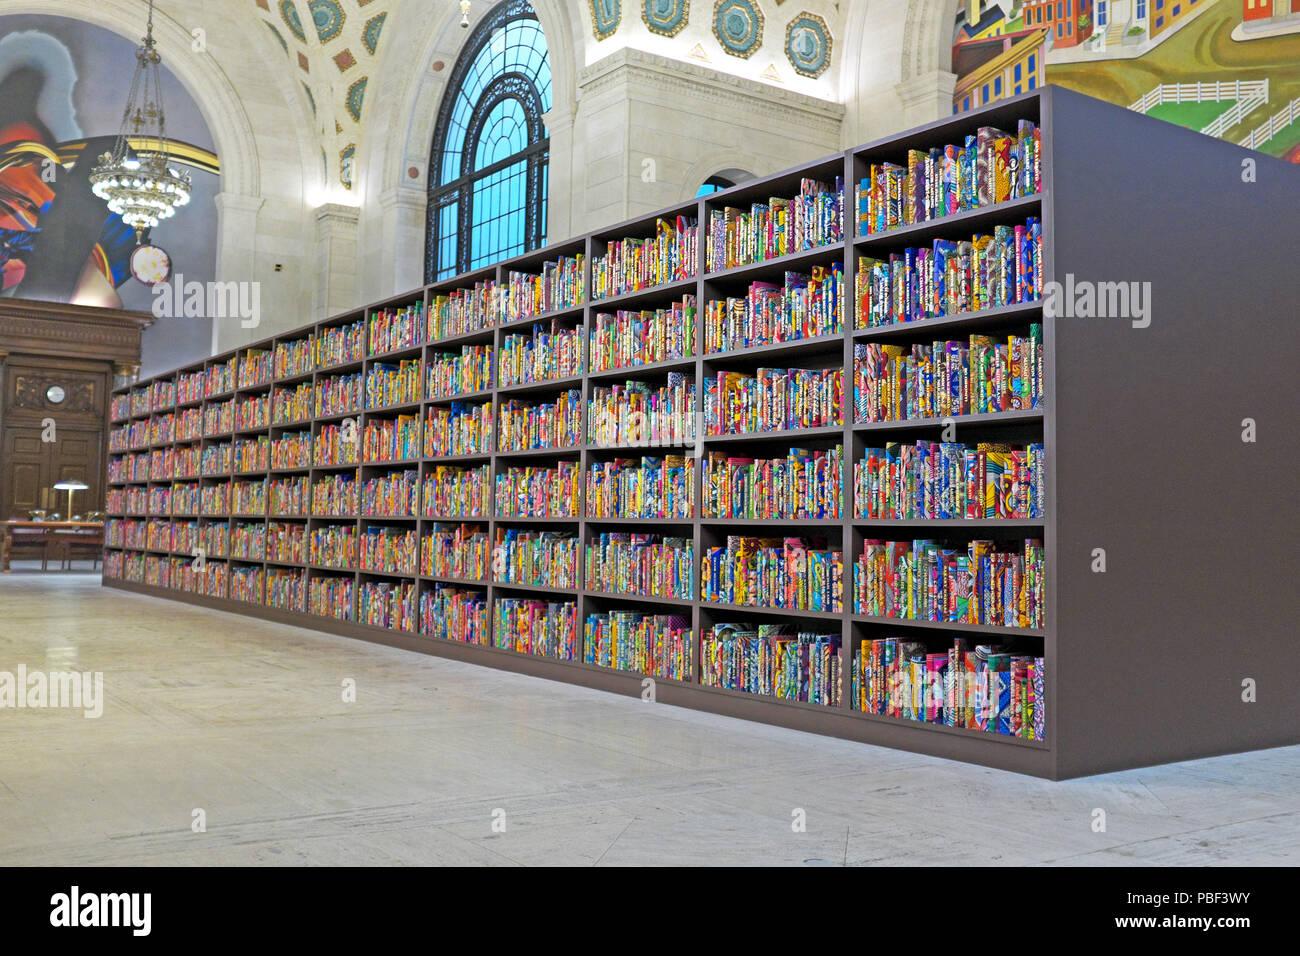 La libreria americana di arte di installazione da Yinka Shonibare in Cleveland Public Library Brett Hall di Cleveland, Ohio, USA. Immagini Stock